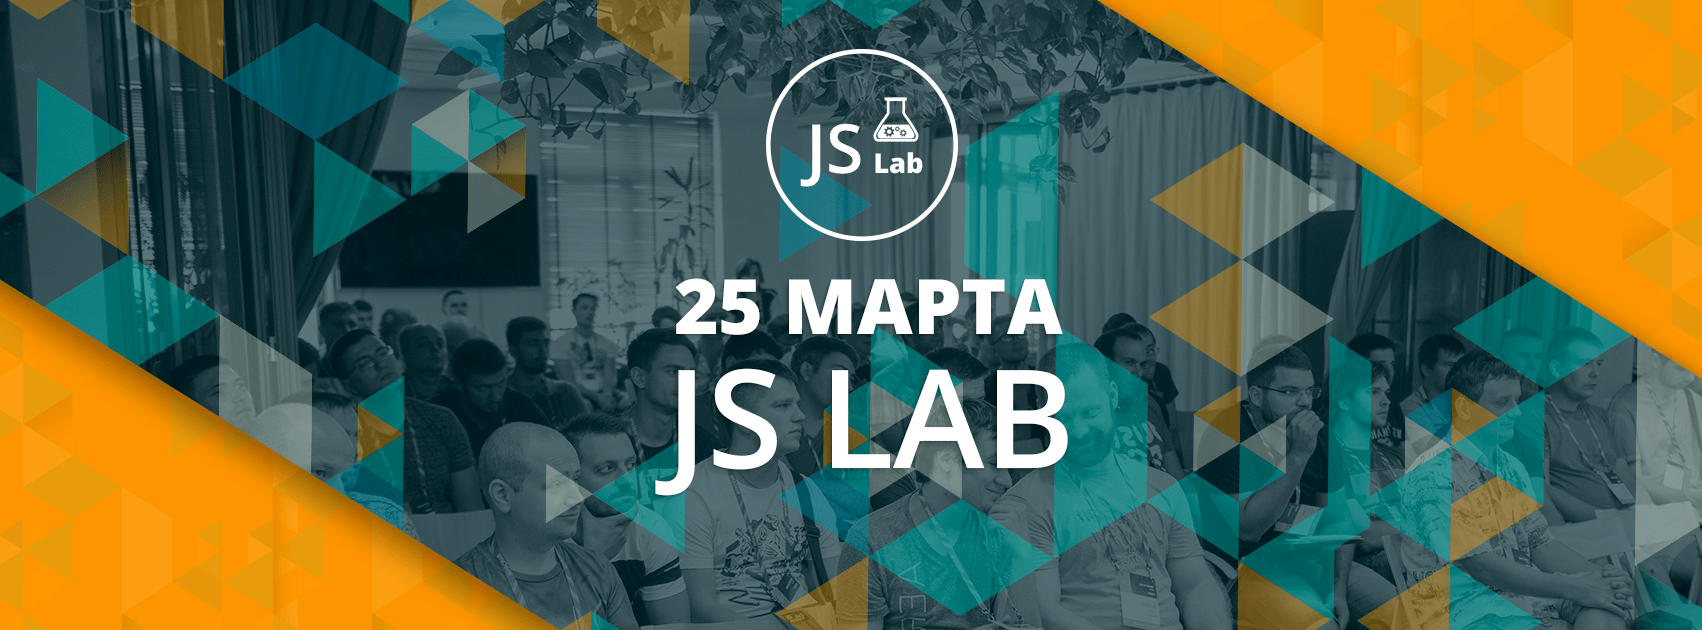 Третья конференция JavaScript-разработчиков в Одессе — JS Lab - 1